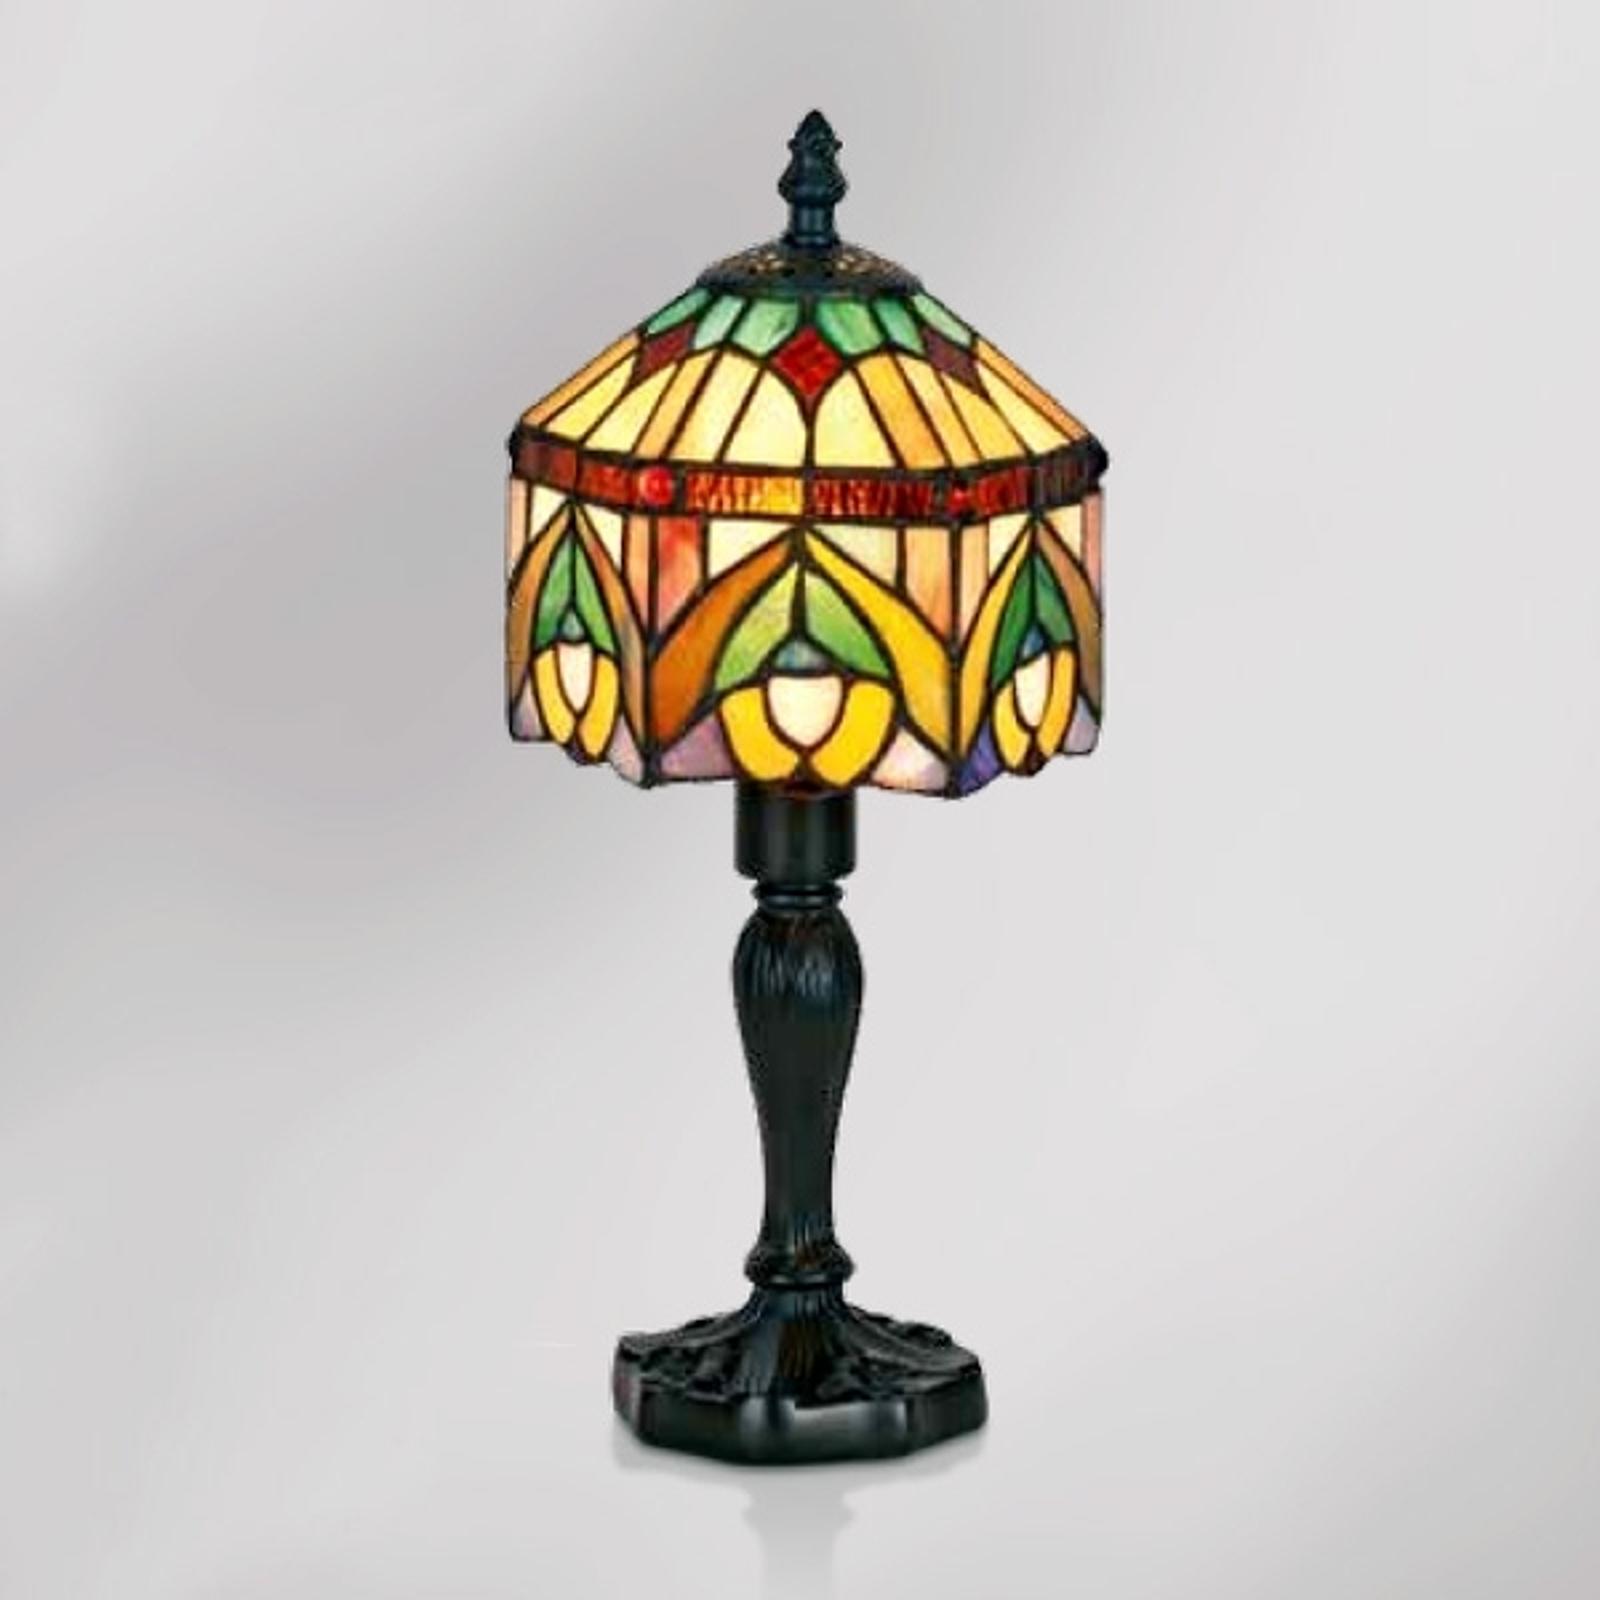 Dekoratívna stolná lampa Jamilia v štýle Tiffany_1032267_1